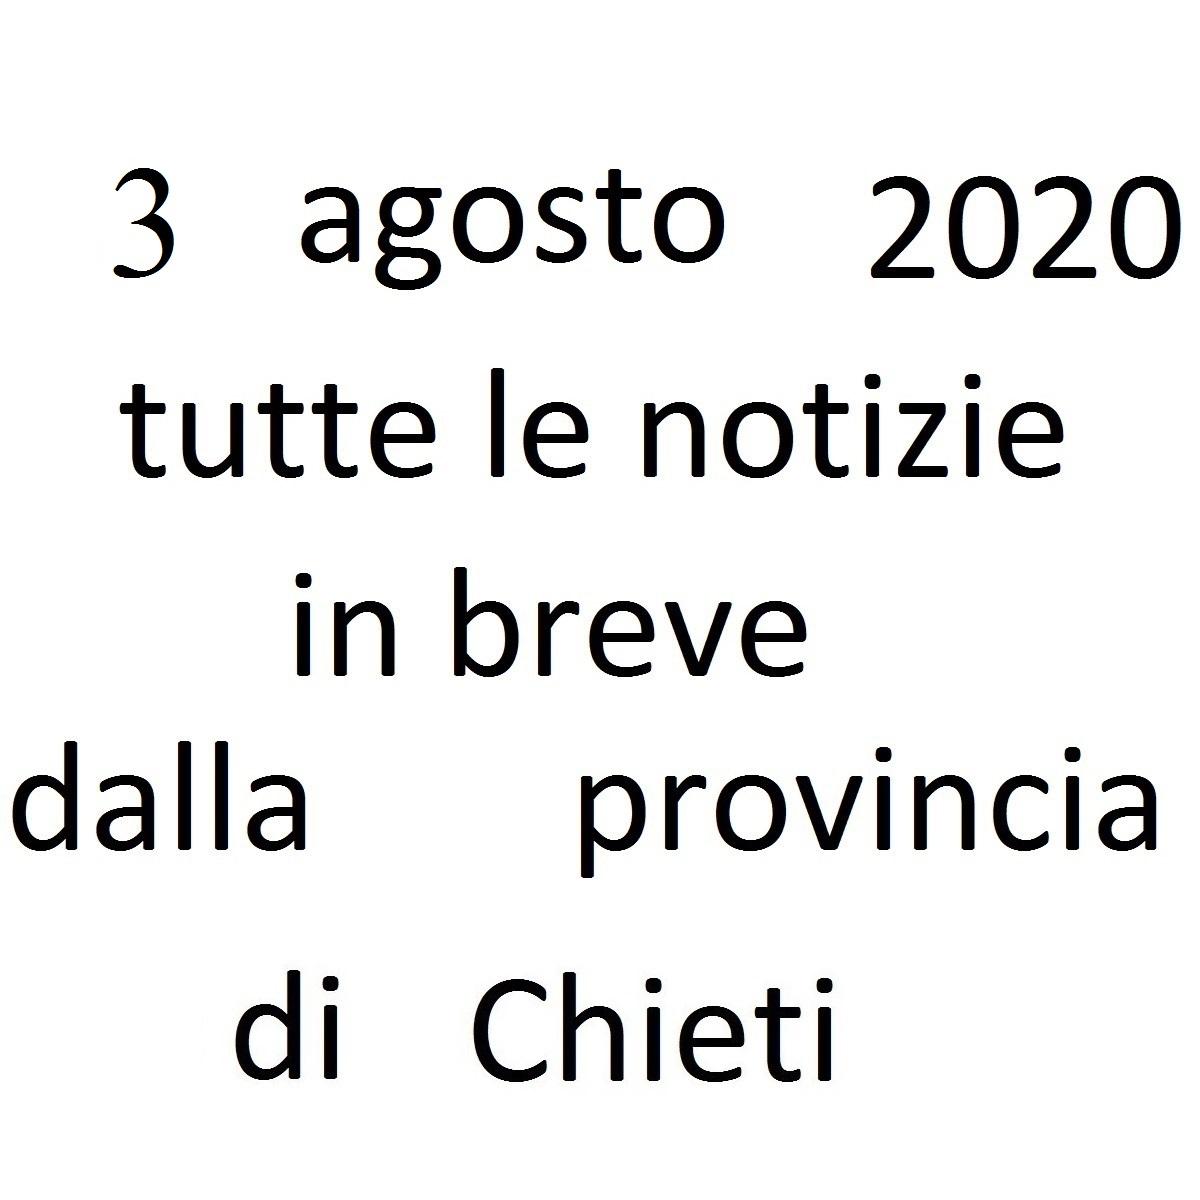 3 agosto 2020 notizie in breve dalla Provincia di Chieti foto